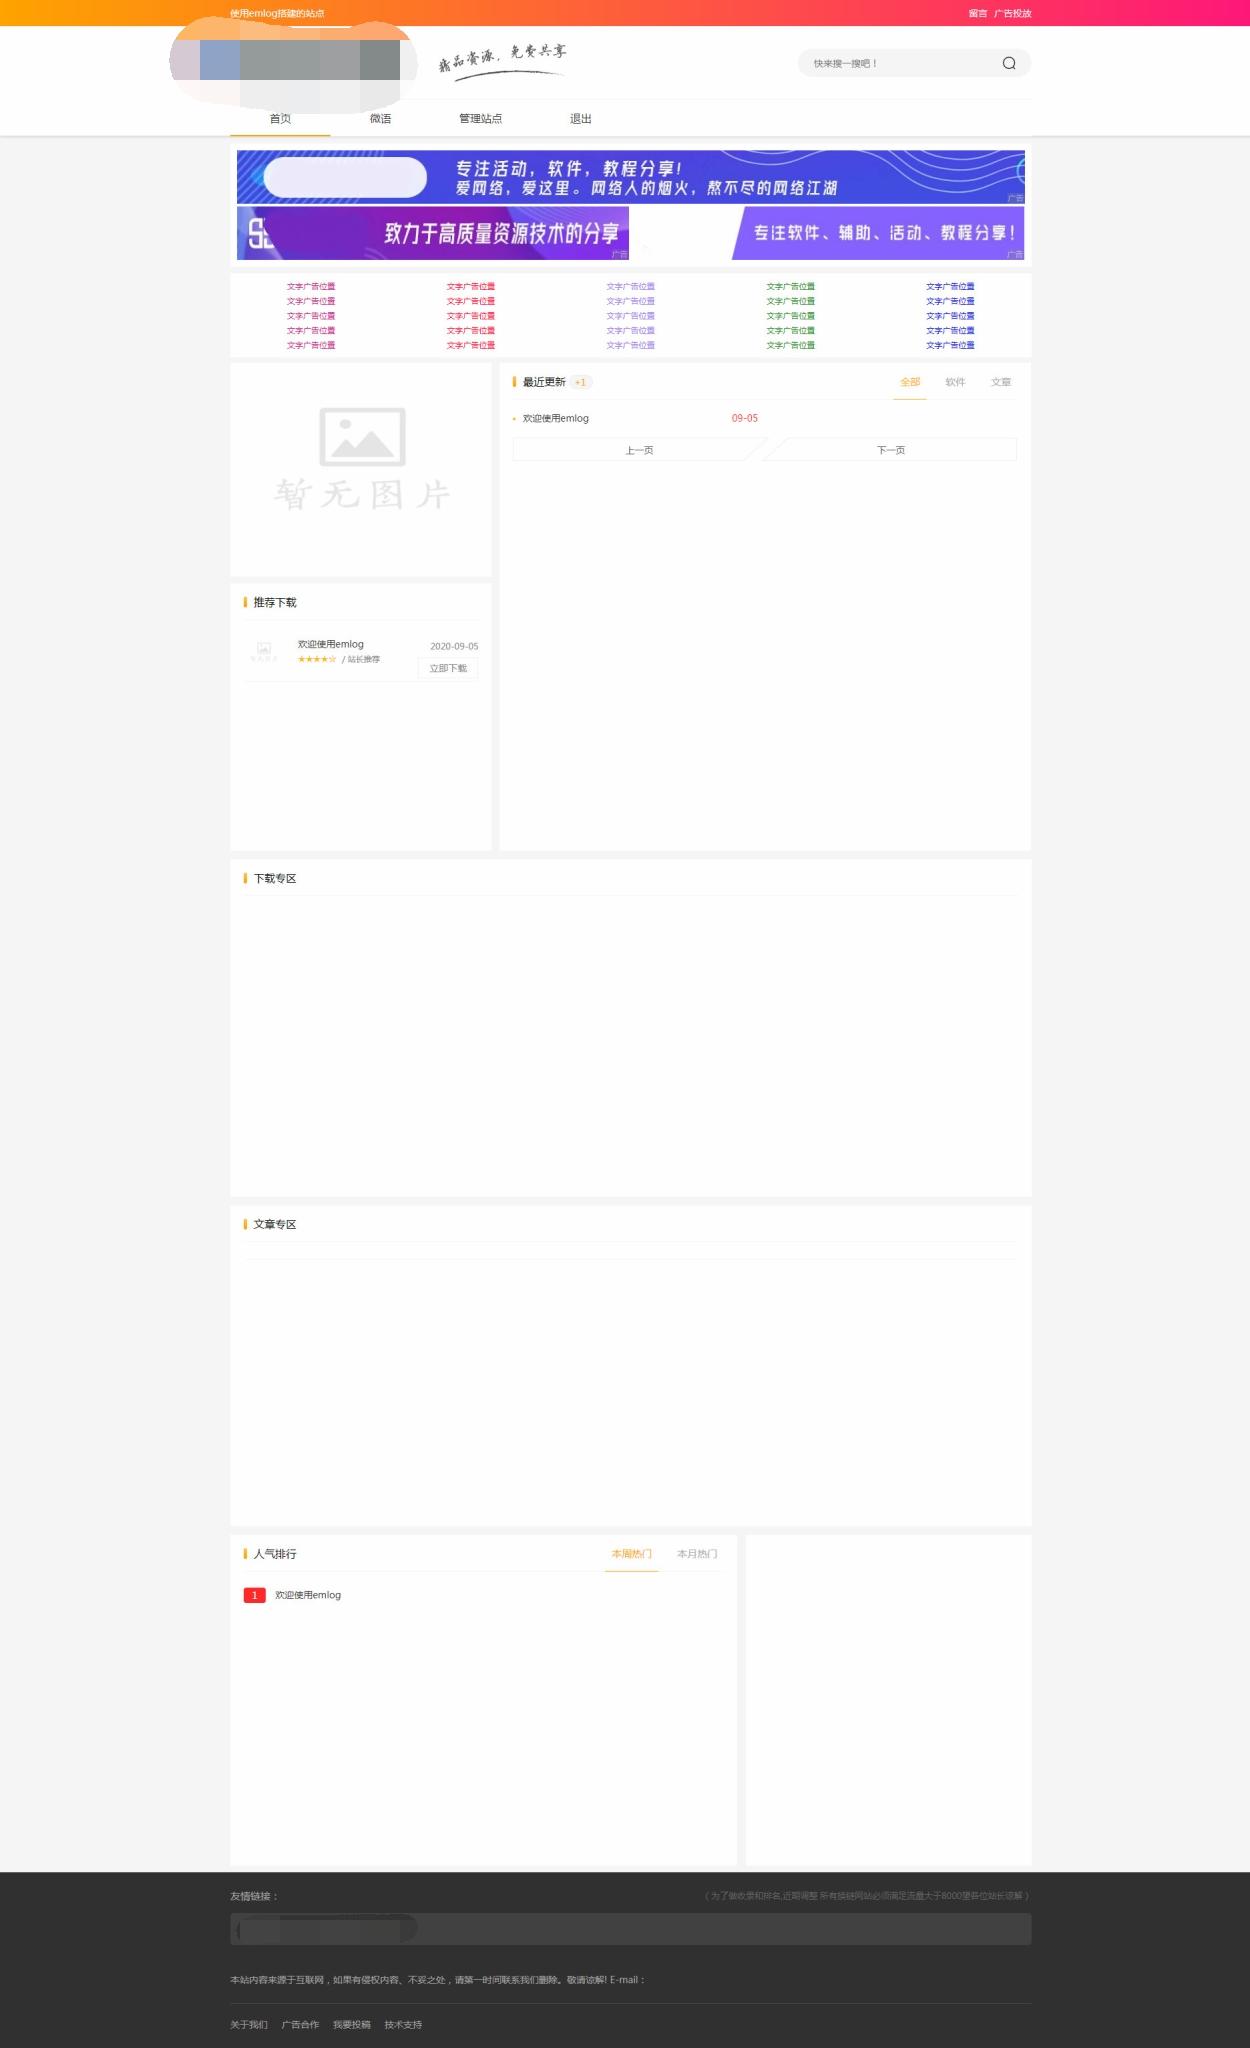 资源吧模板 Emlog模板主题资源吧v2.0网站模板